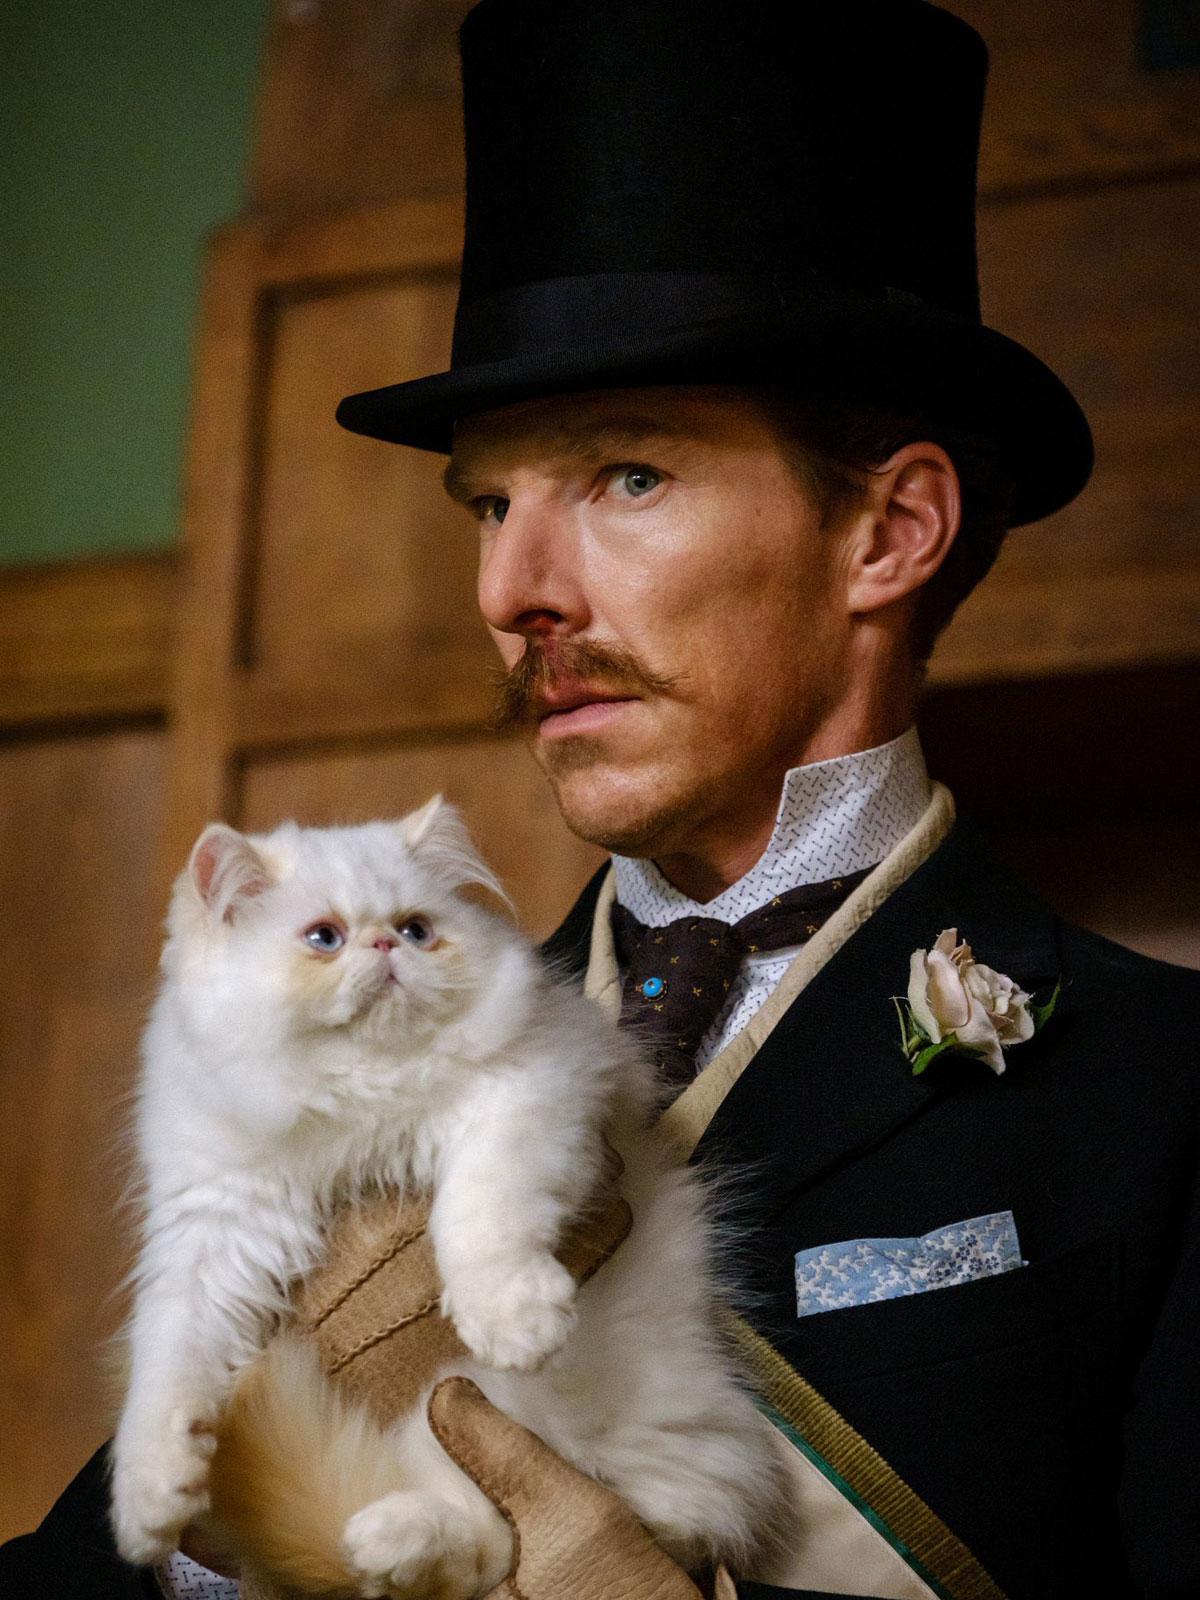 The Electrical Life of Louis Wain, con Benedict Cumberbatch, presente en el Festival de Toronto